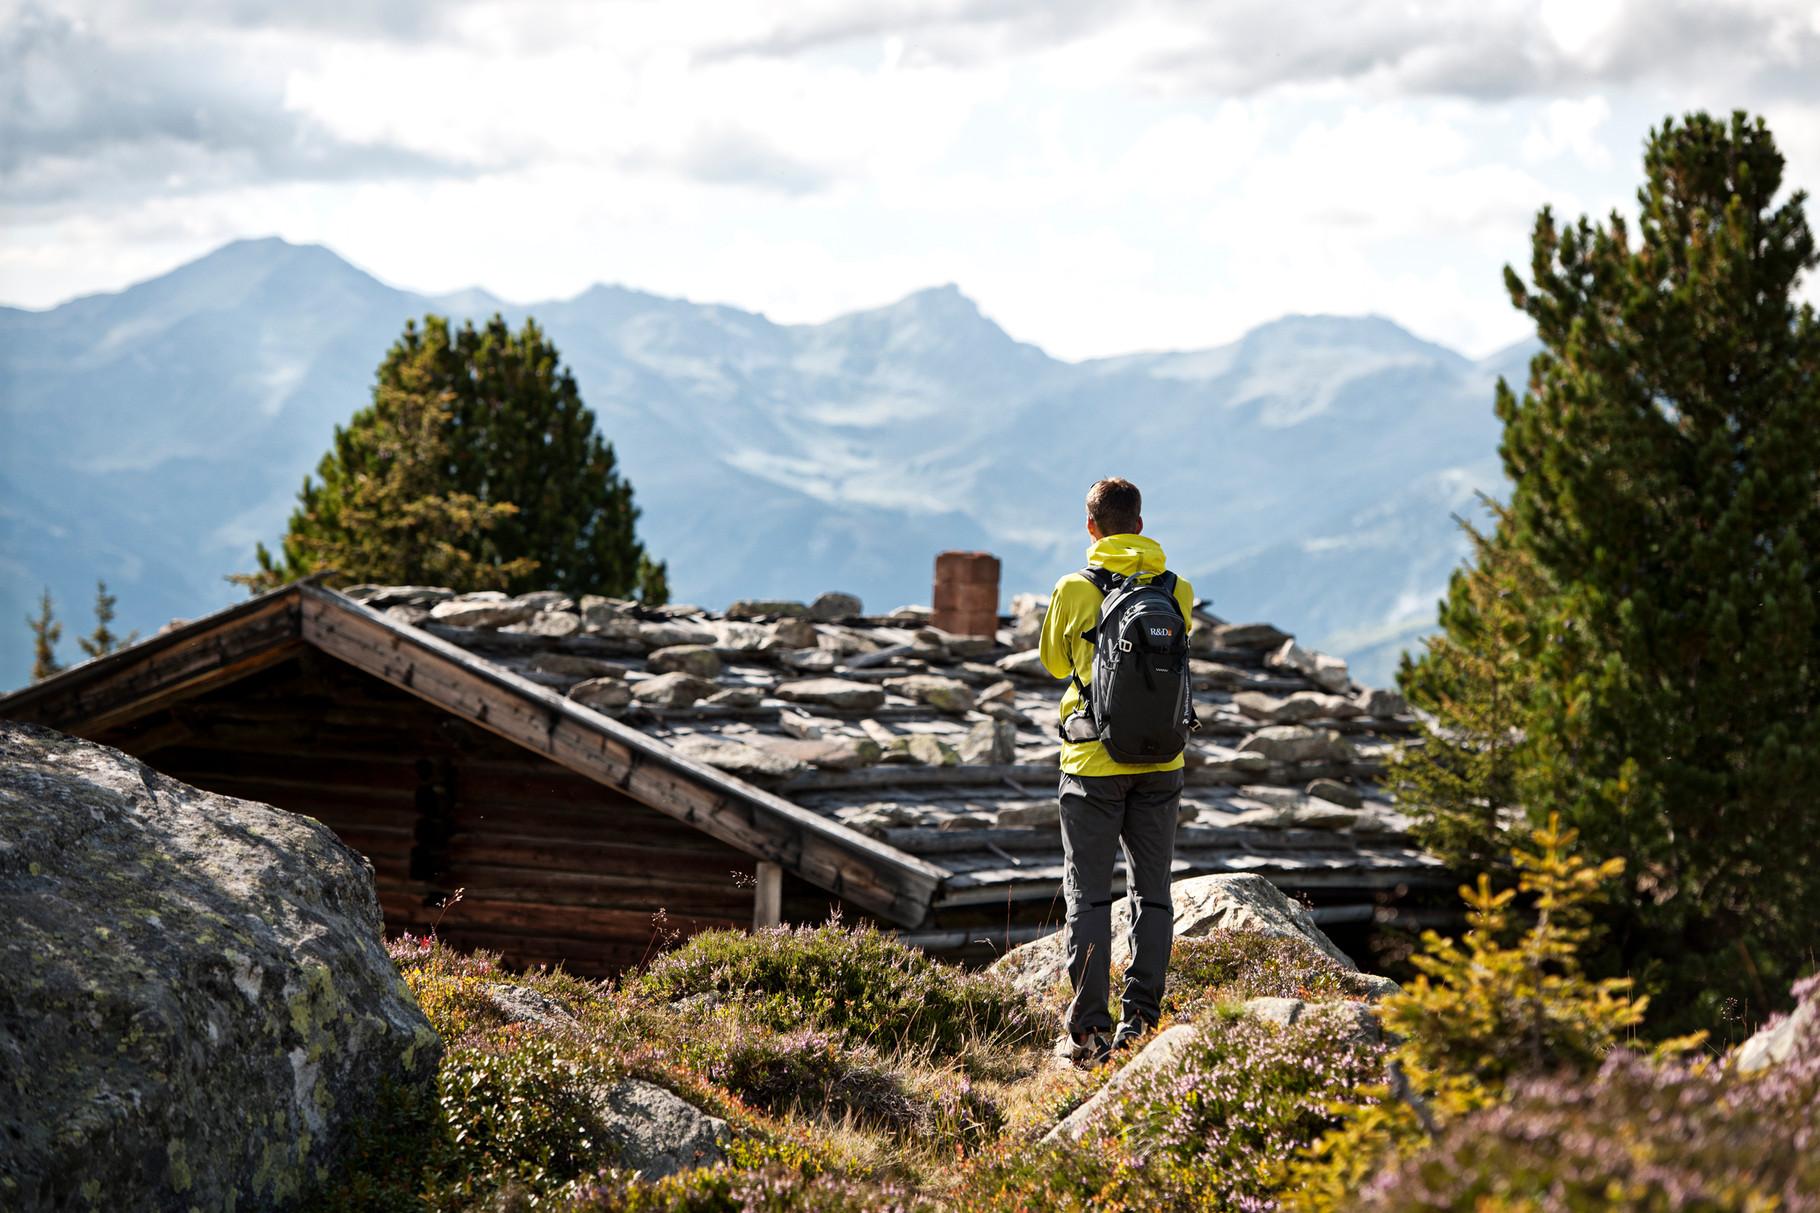 Wandern am Ahorn in der Ferienregion Mayrhofen-Hippach ©Schönherr